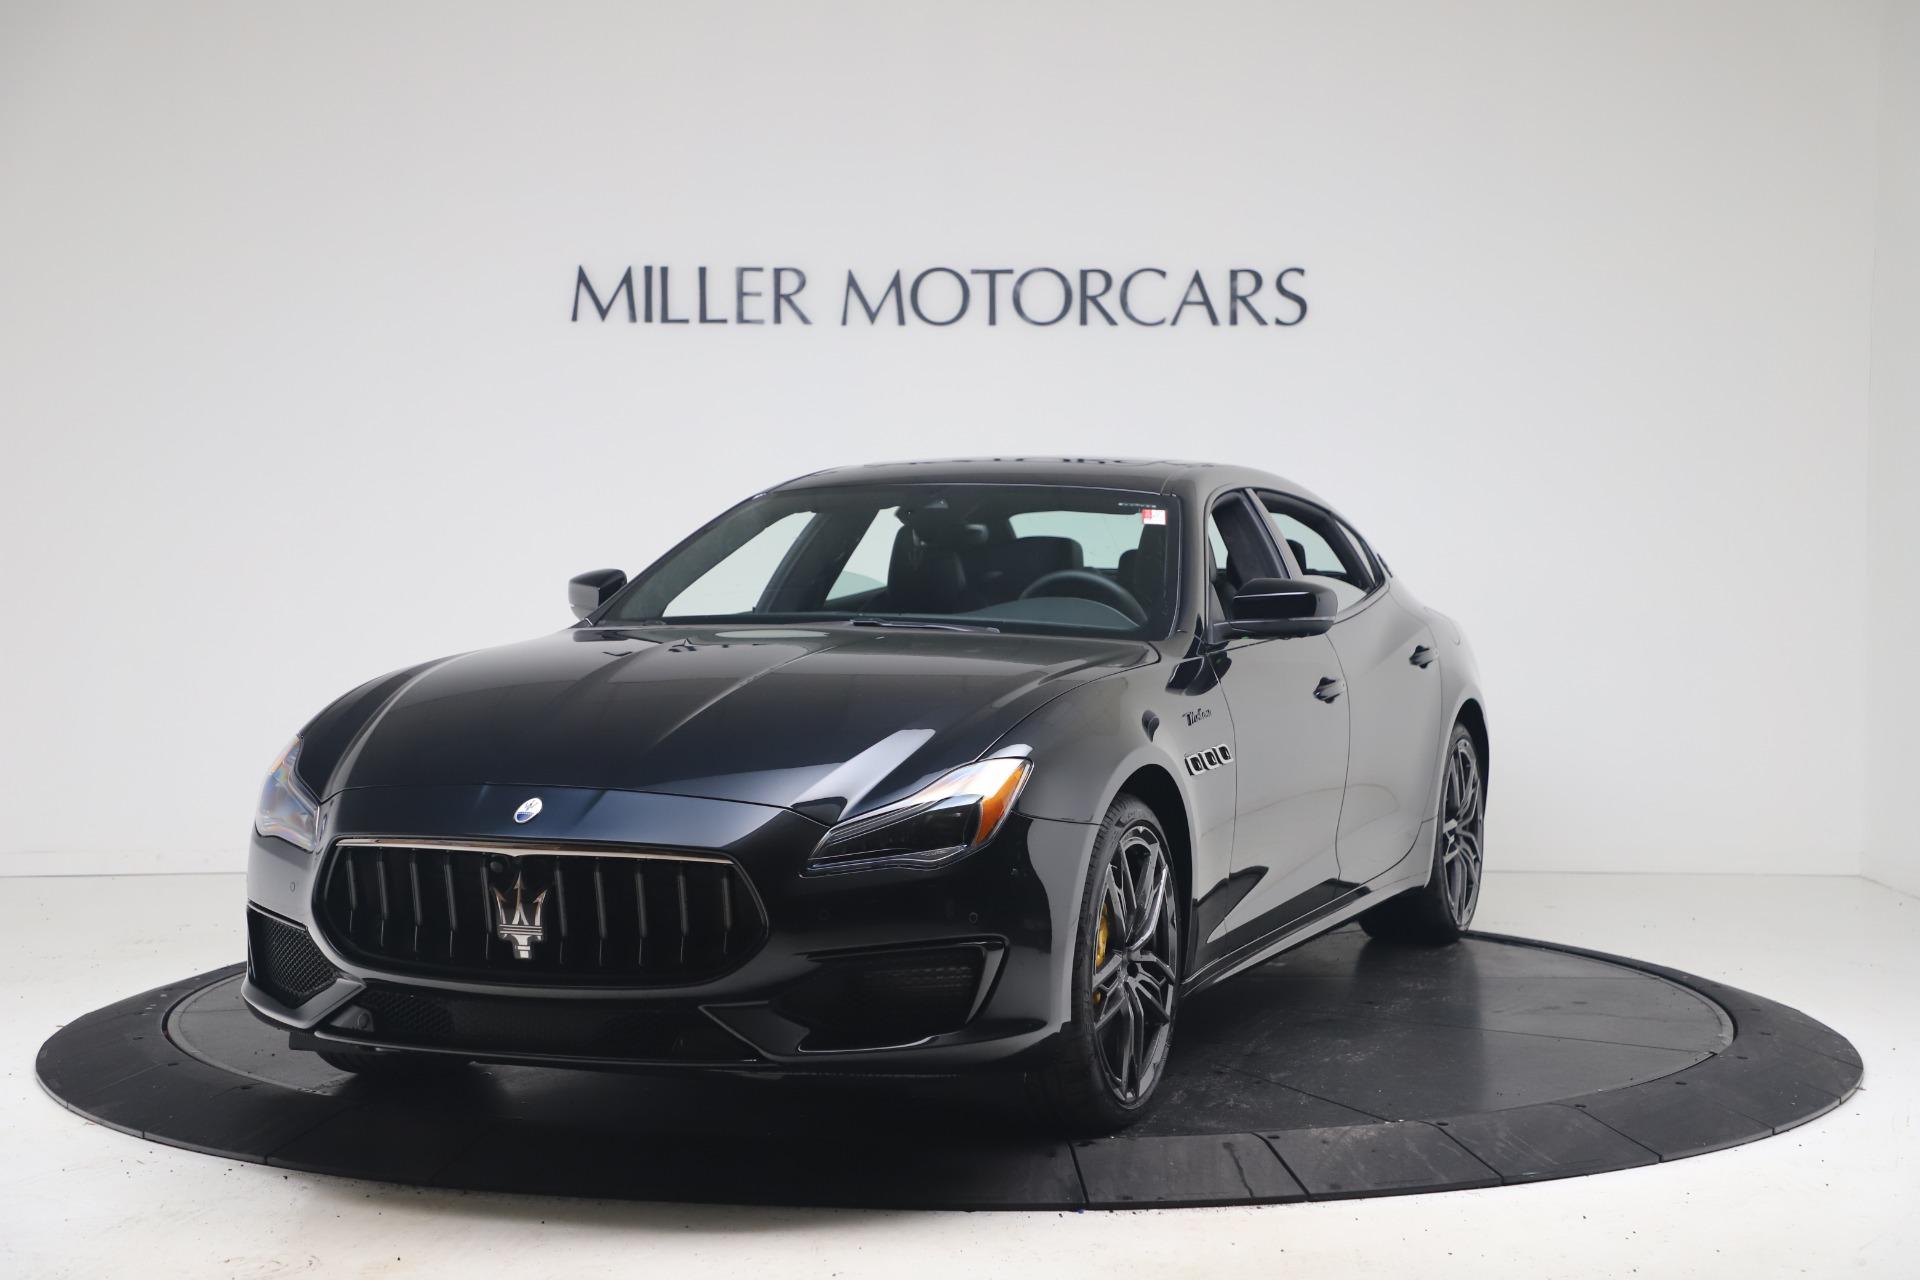 New 2022 Maserati Quattroporte Modena Q4 for sale $131,195 at Bentley Greenwich in Greenwich CT 06830 1